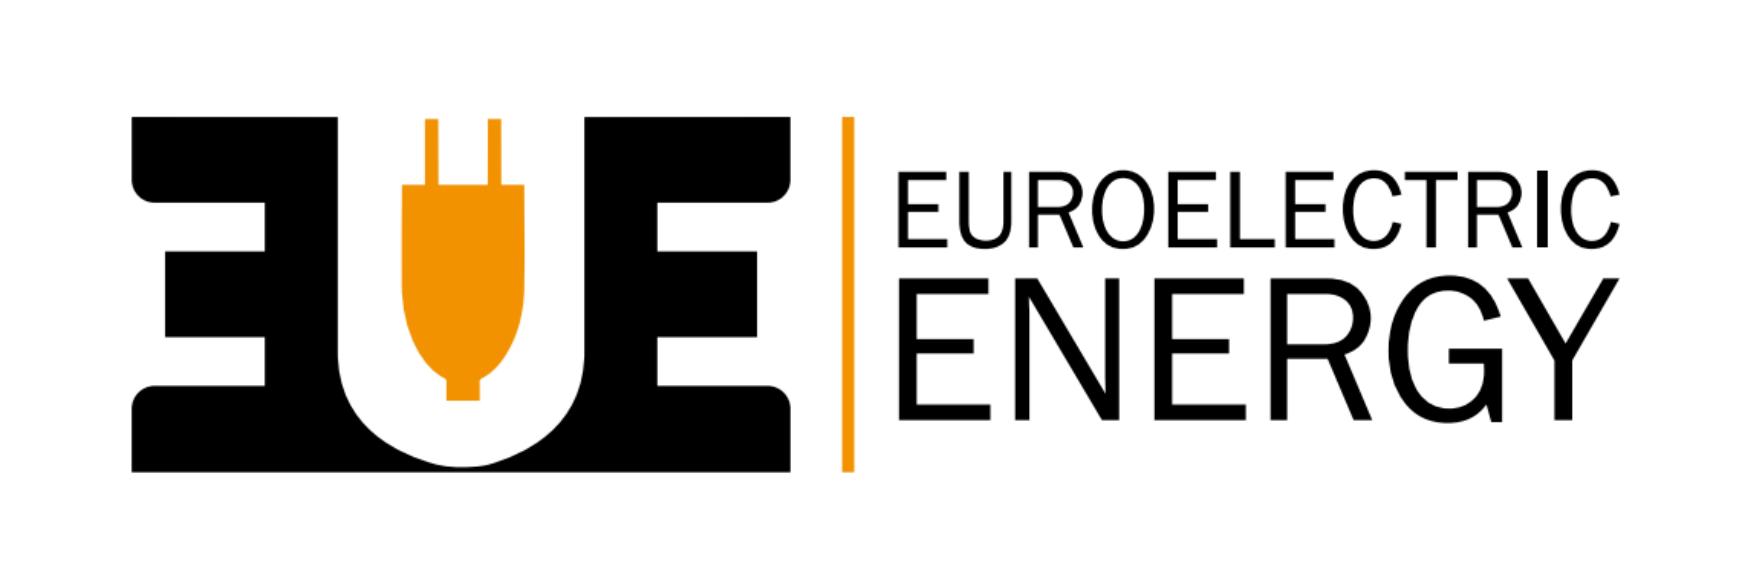 EUROELECTRIC ENERGY